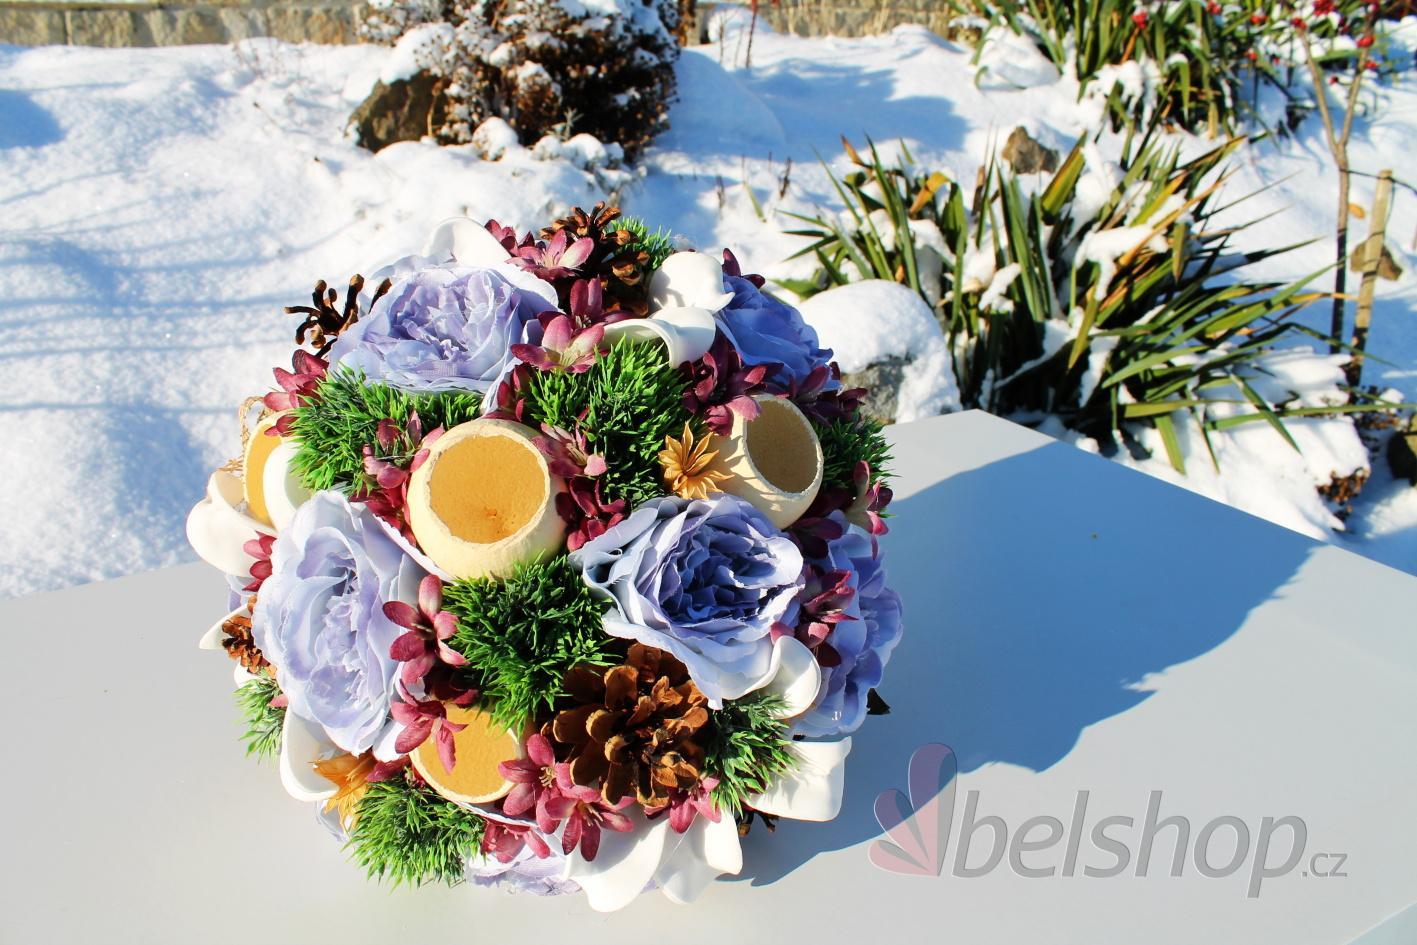 Svatební kytice Rustic styl - Obrázek č. 1